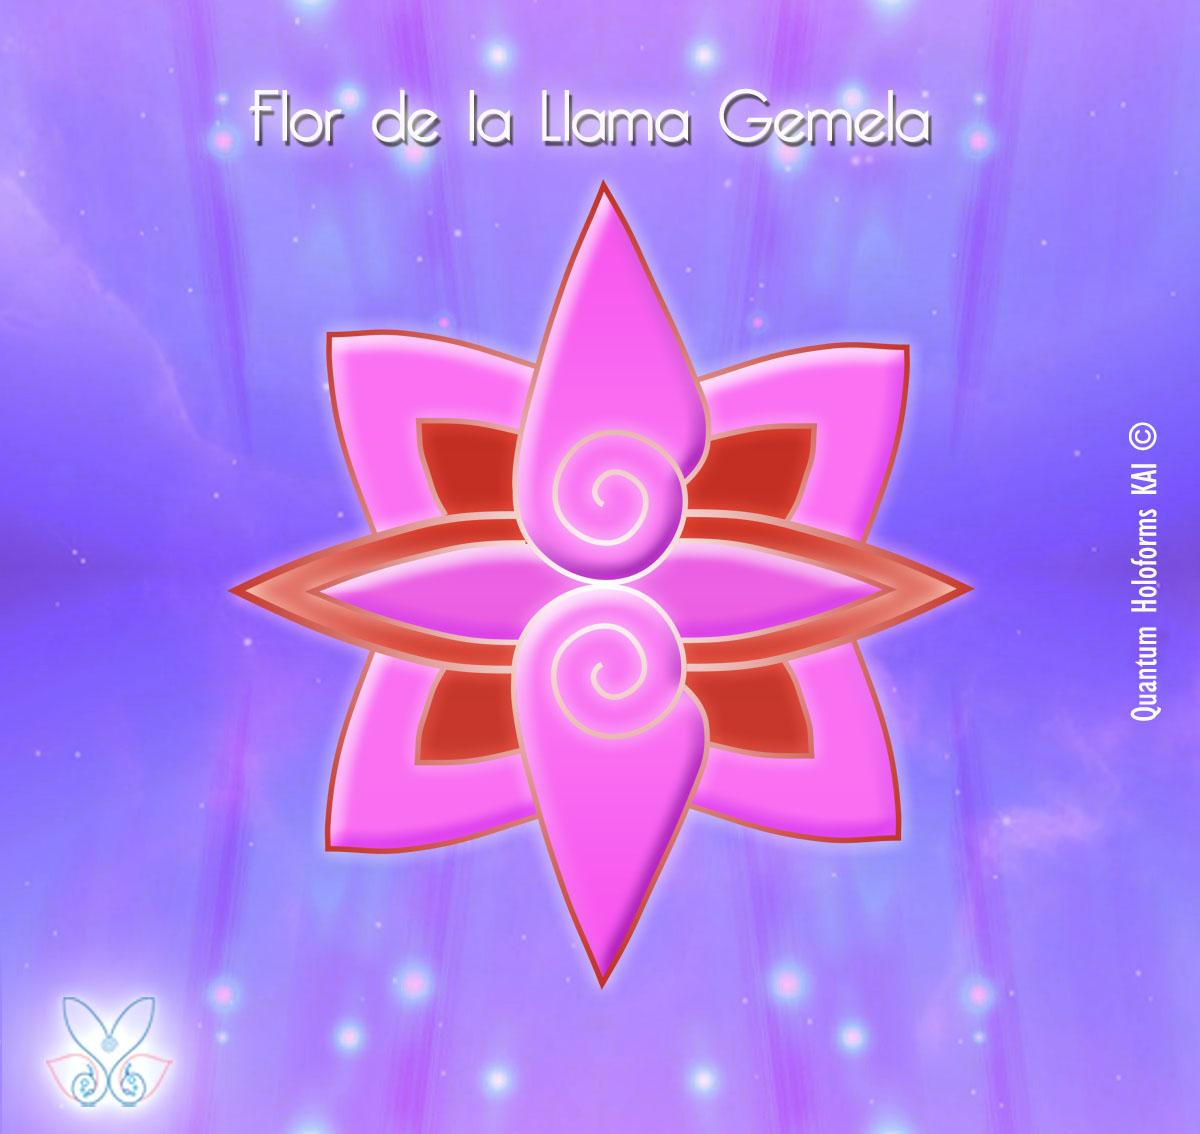 Flor de la llama Gemela, Códigos Antares, unicornios y pegasos